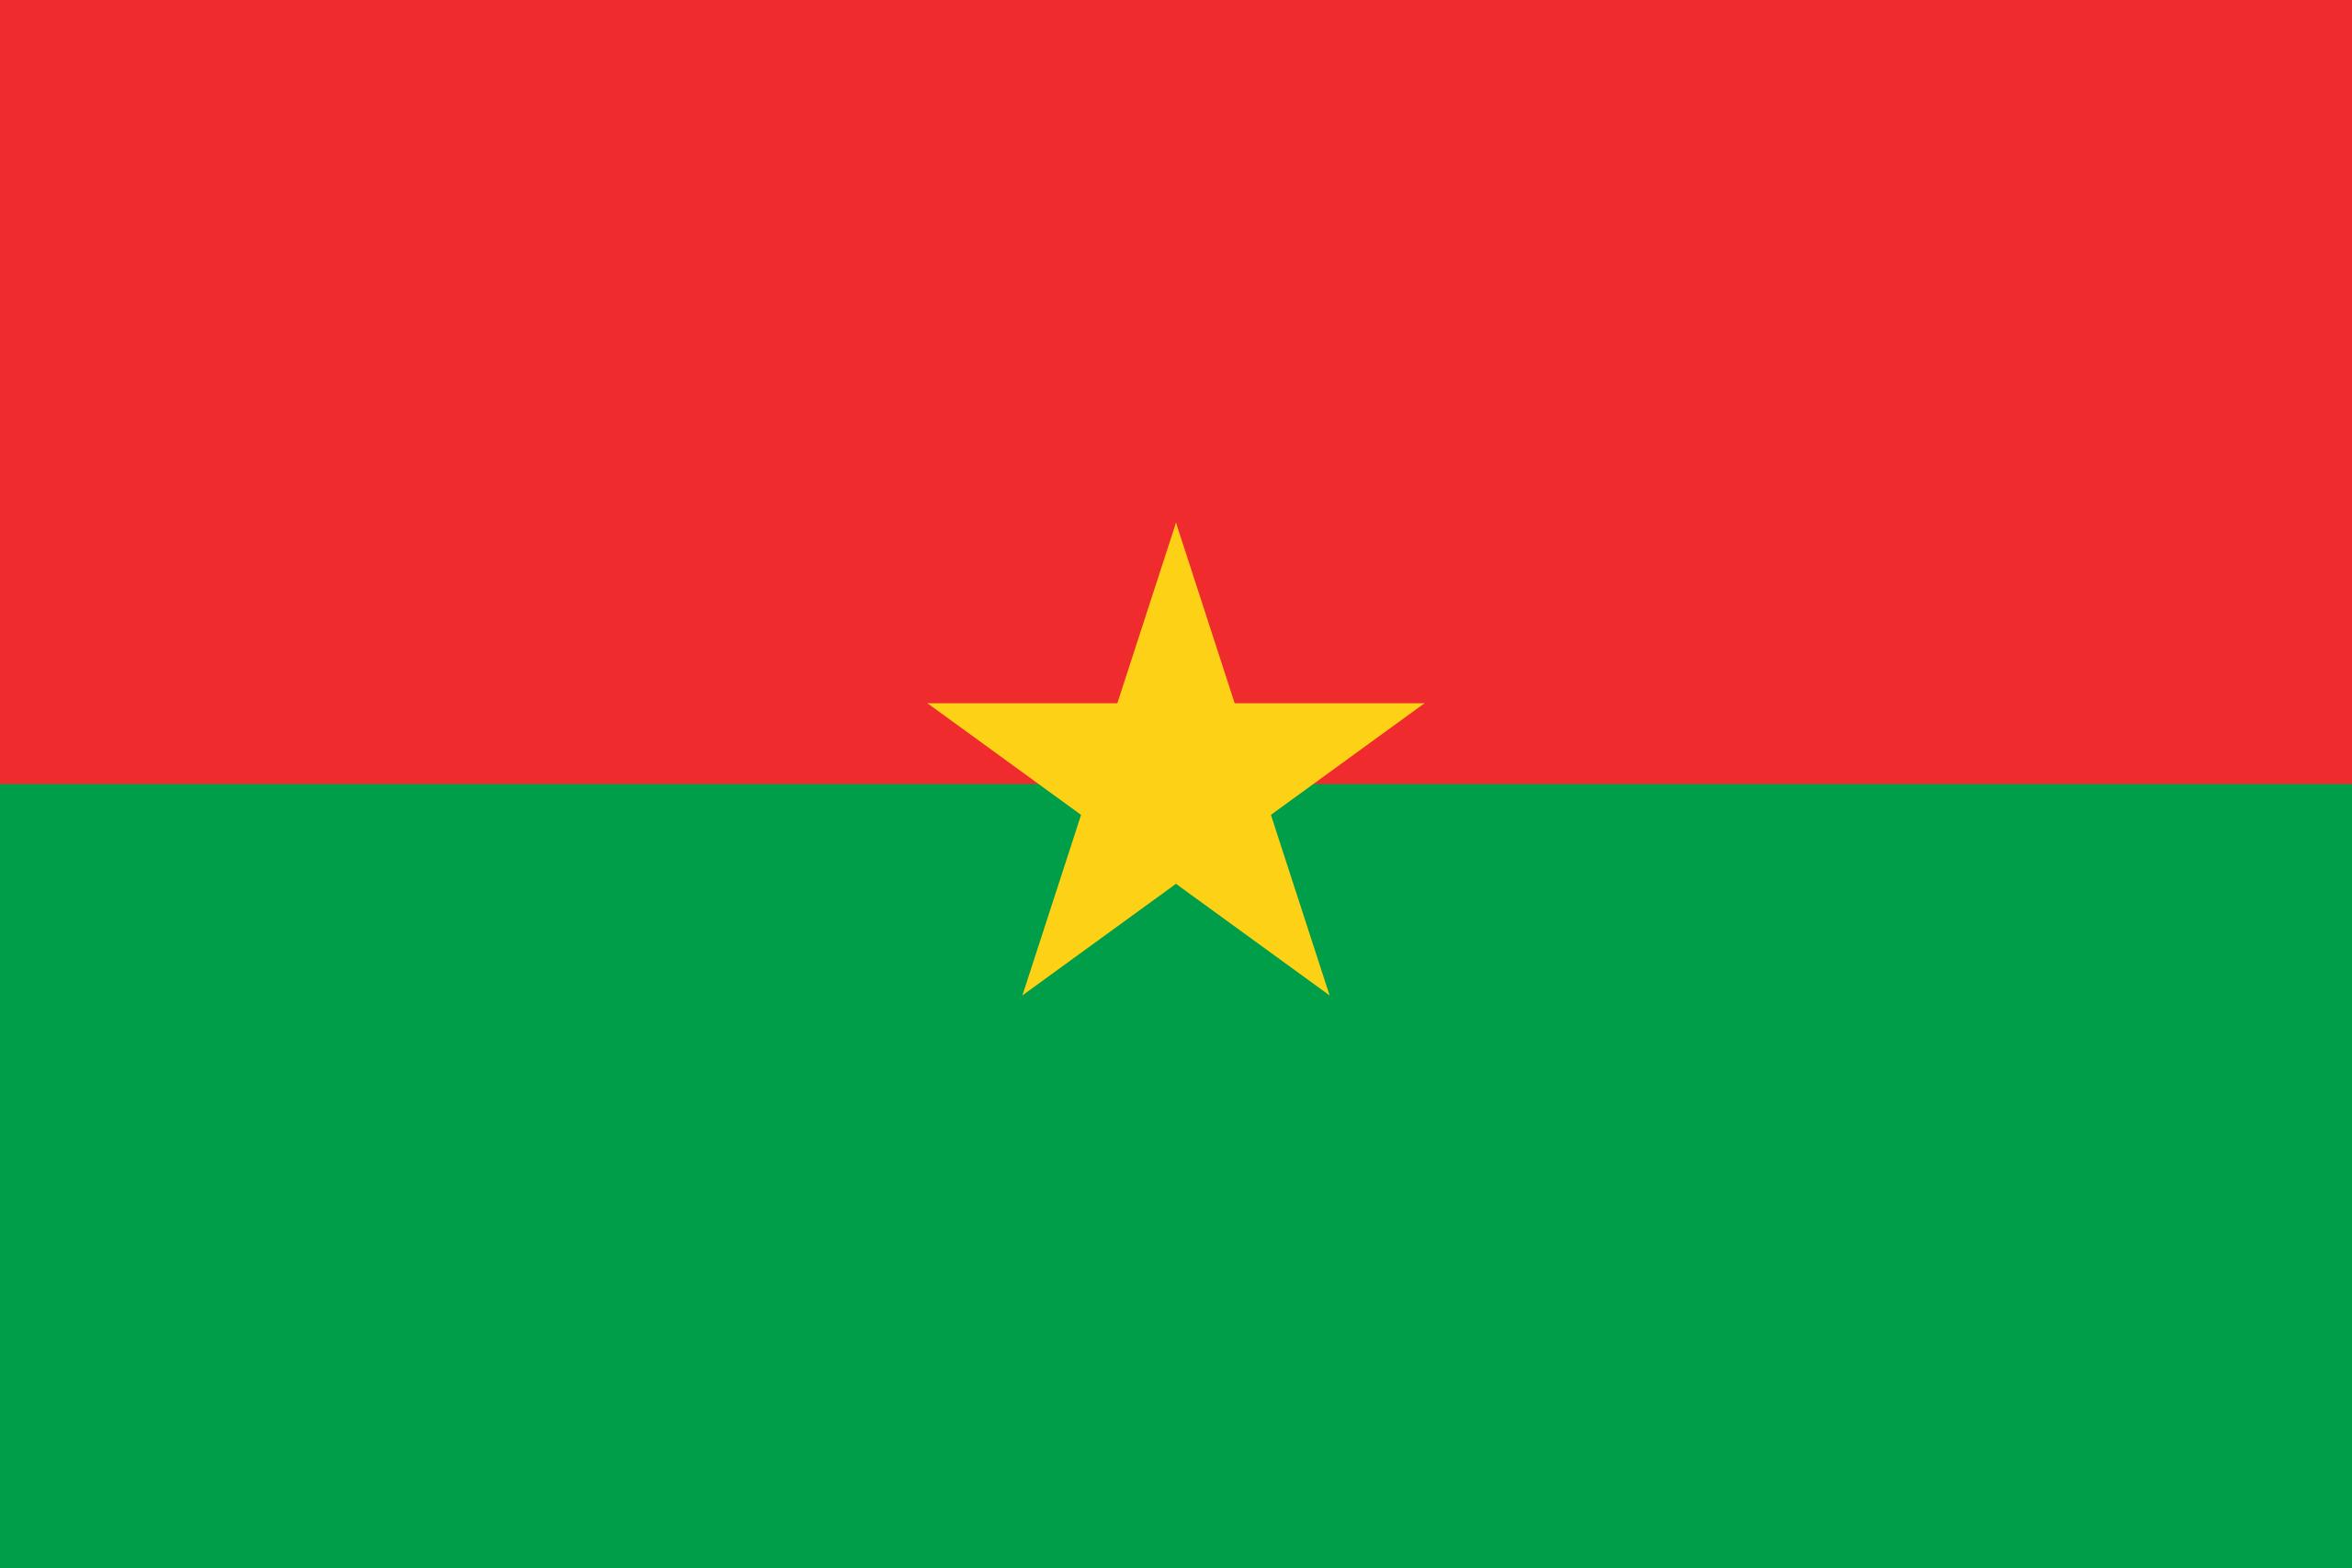 burkina faso, pays, emblème, logo, symbole - Fonds d'écran HD - Professor-falken.com